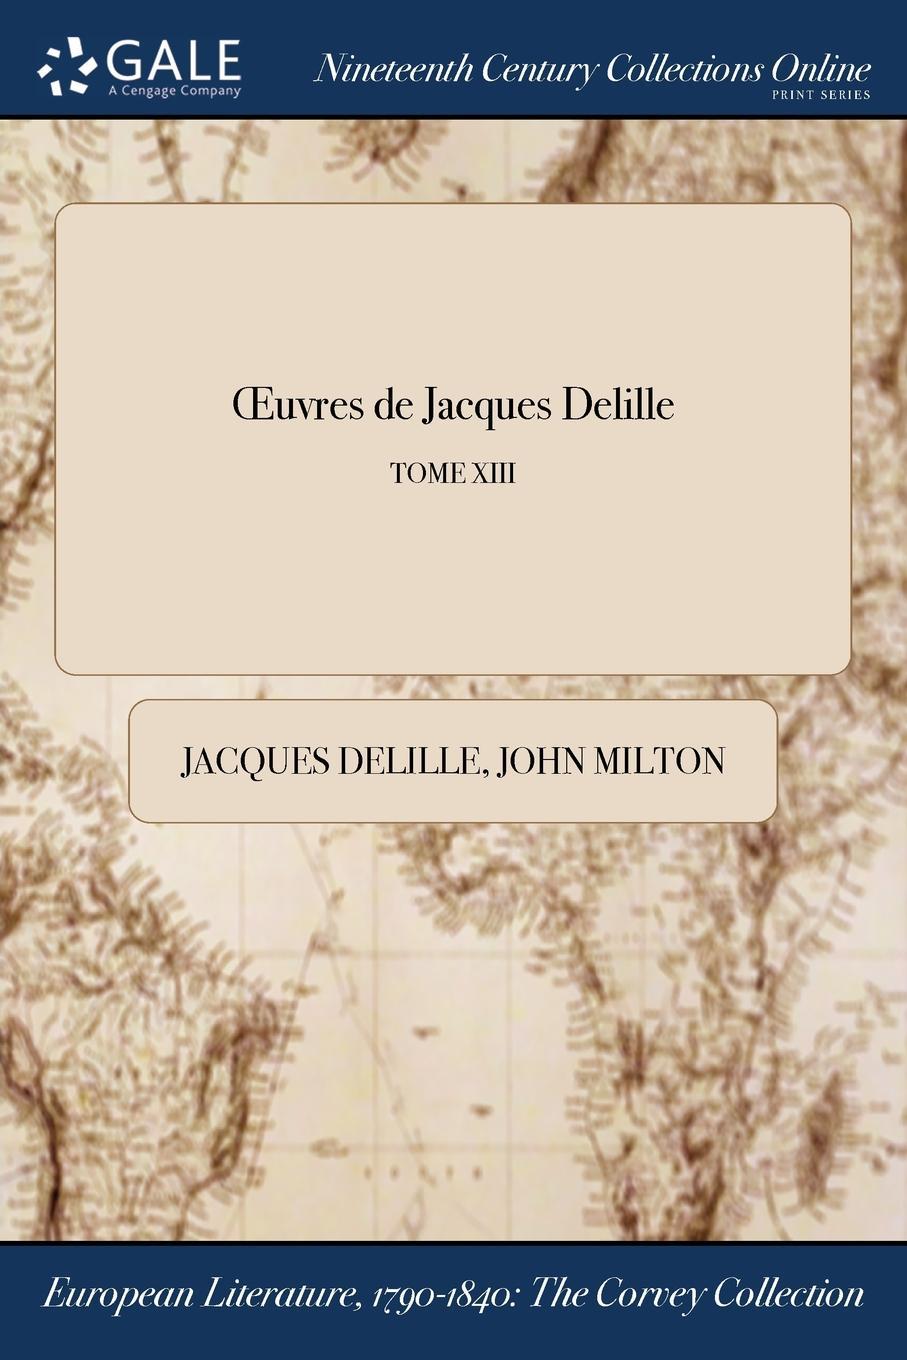 Jacques Delille, John Milton OEuvres de Jacques Delille; TOME XIII